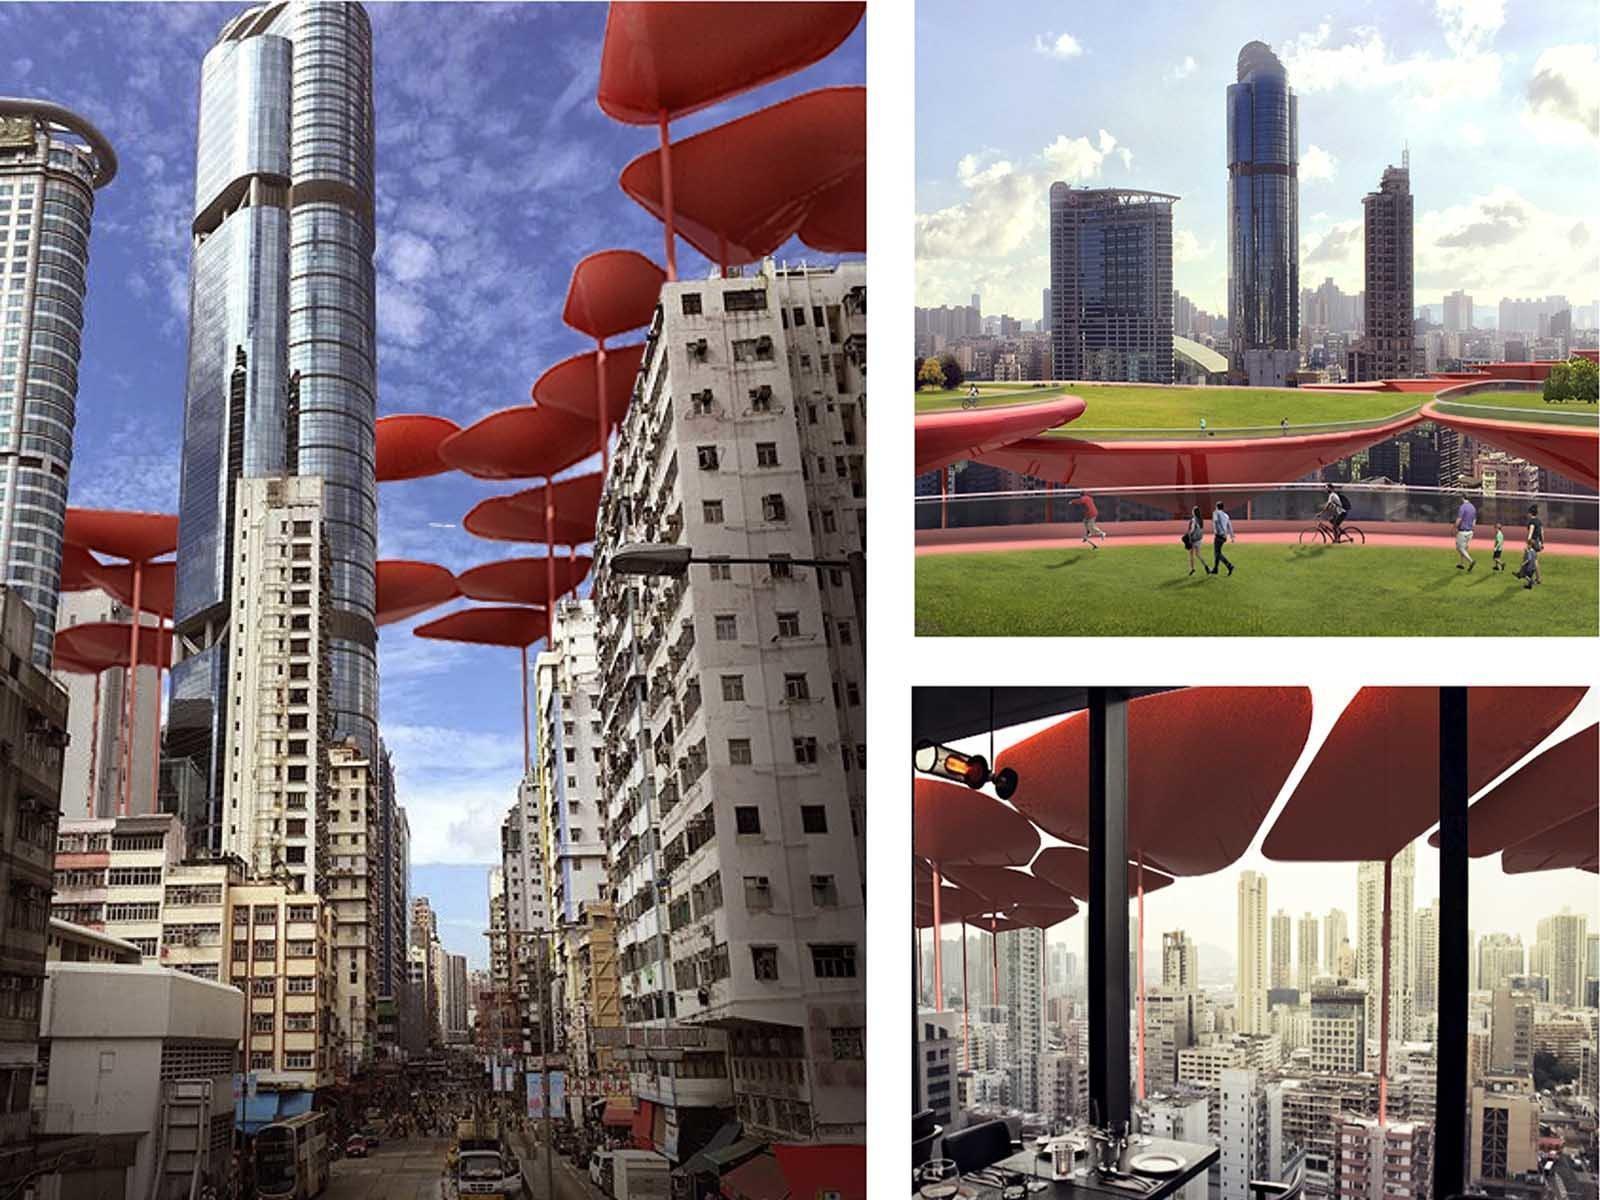 Озеленение было сделано над Гонконгом, теперь в городе появится качественный парк, несмотря на высокую густоту населения